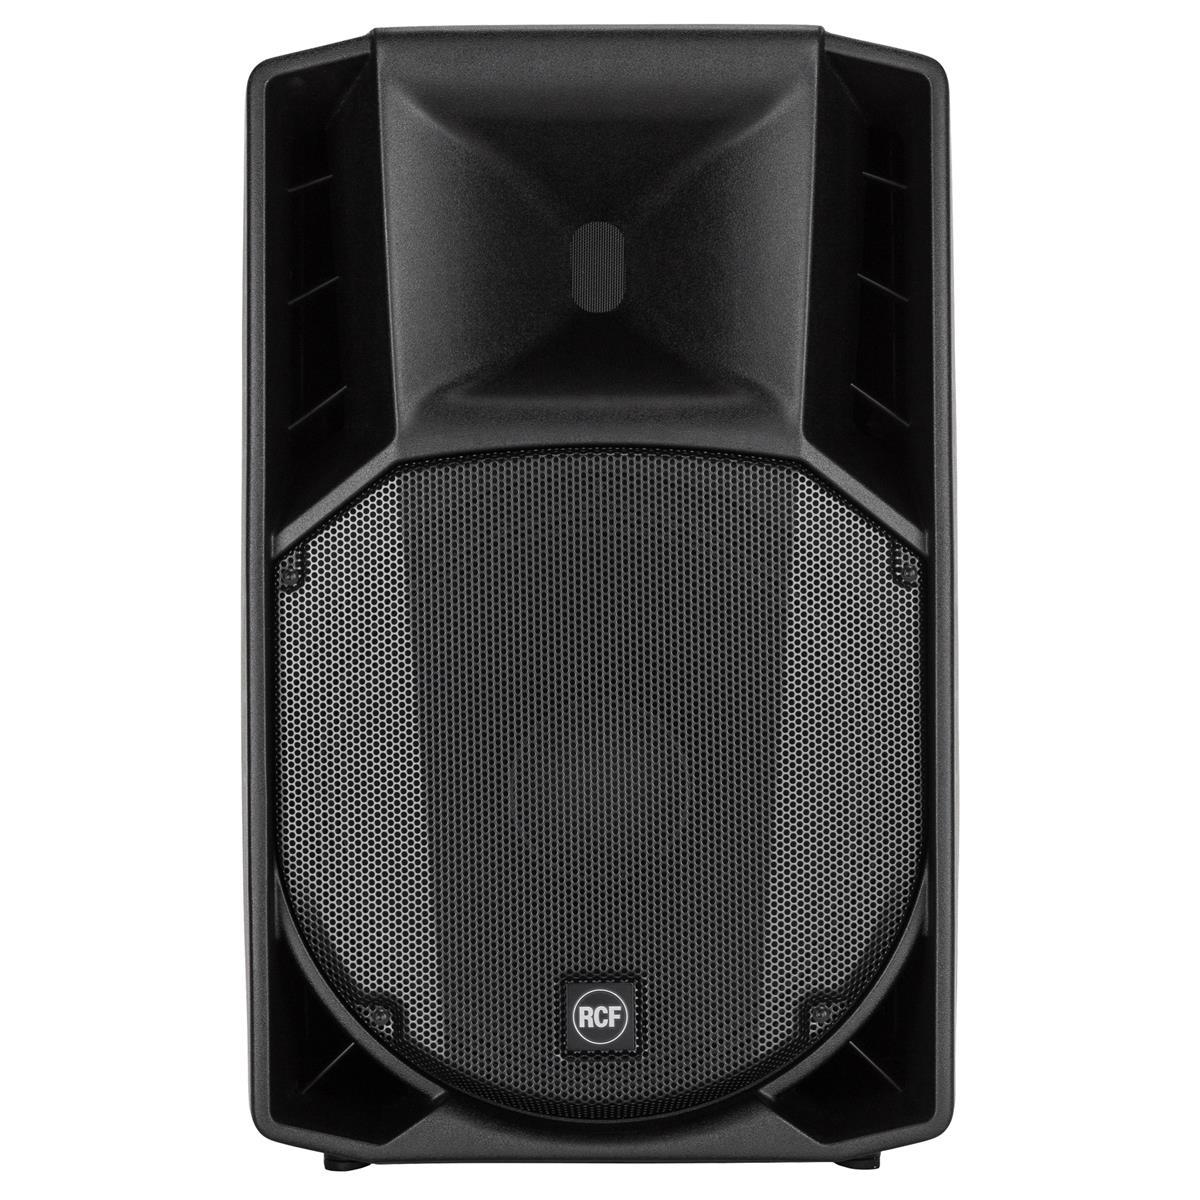 RCF Digital active speaker system 15in + 3in v.c., 700Wrms,